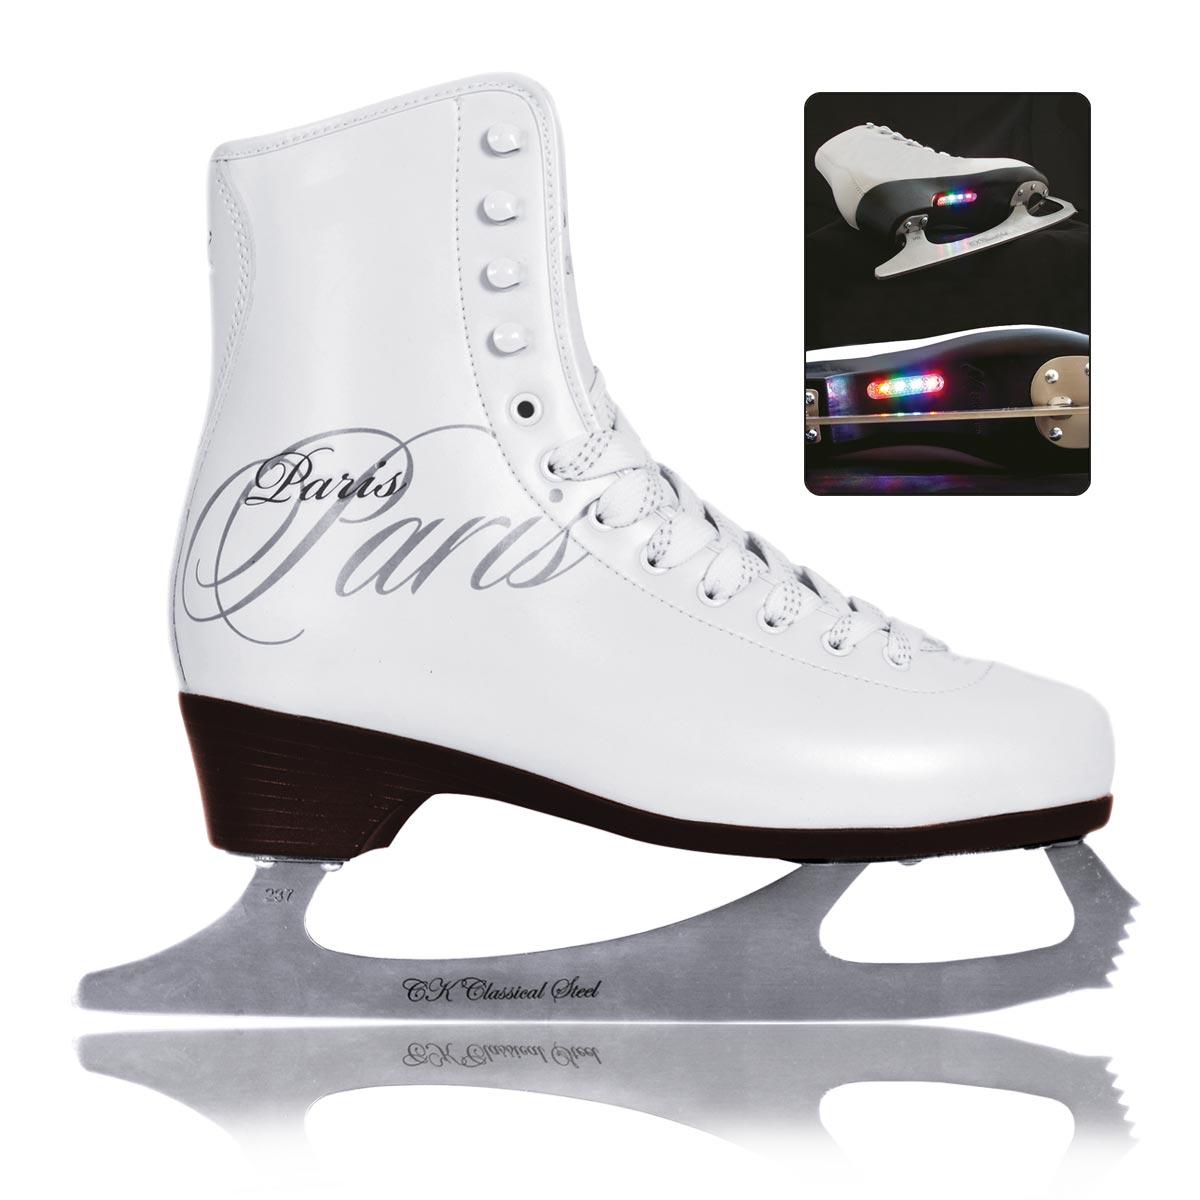 СК Коньки фигурные для девочки CK Paris Lux Tricot, цвет: белый. Размер 30 PARIS LUX tricot_белый_30